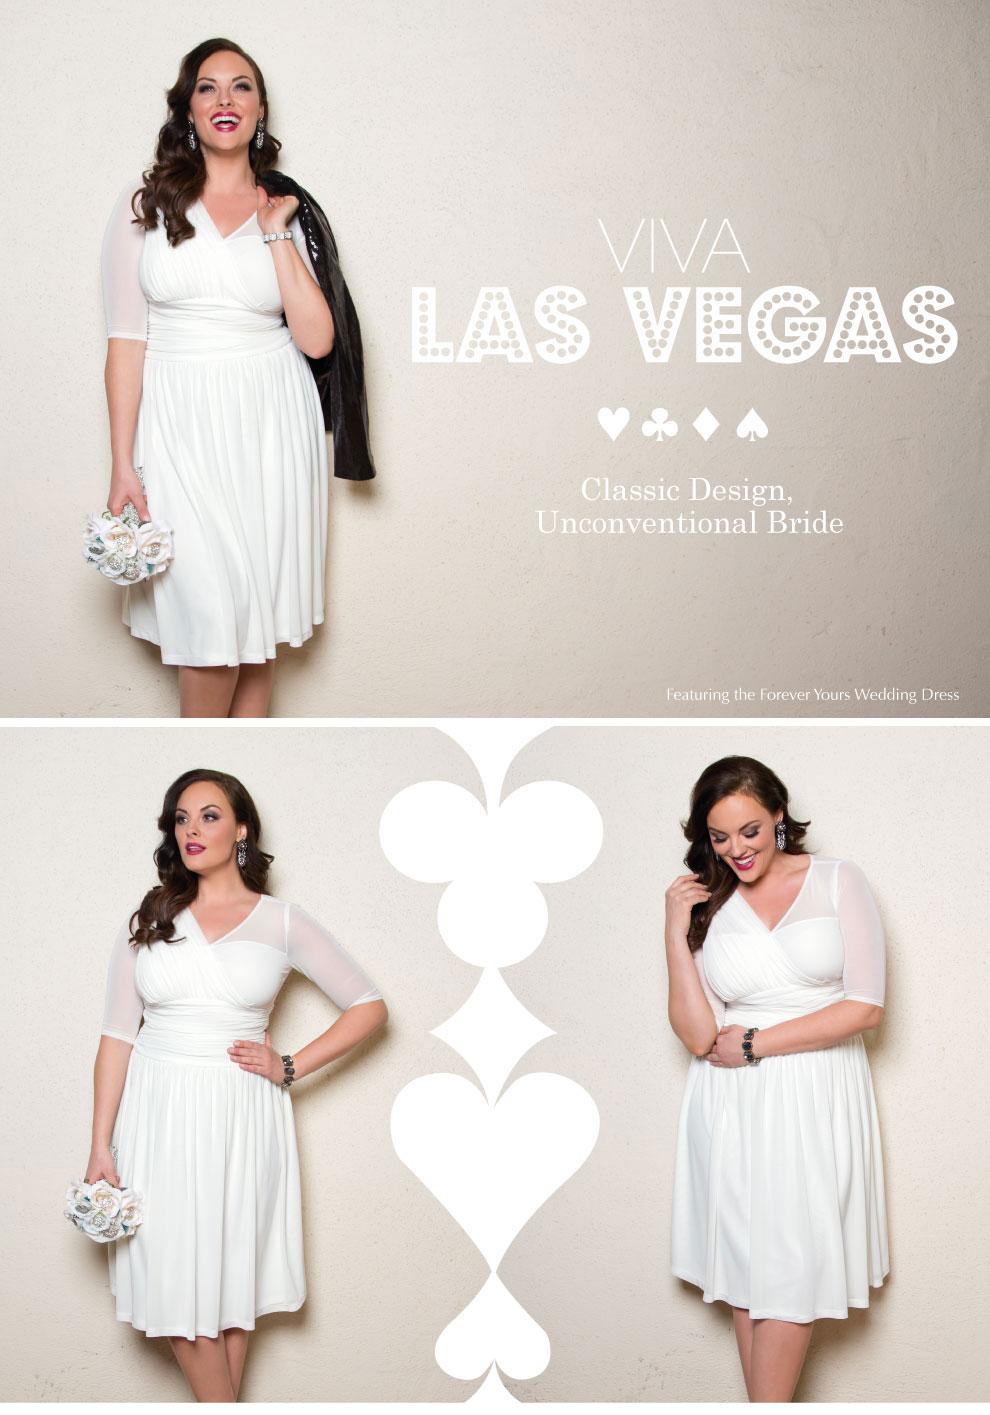 Plus Size Wedding Style | The Vegas Bride